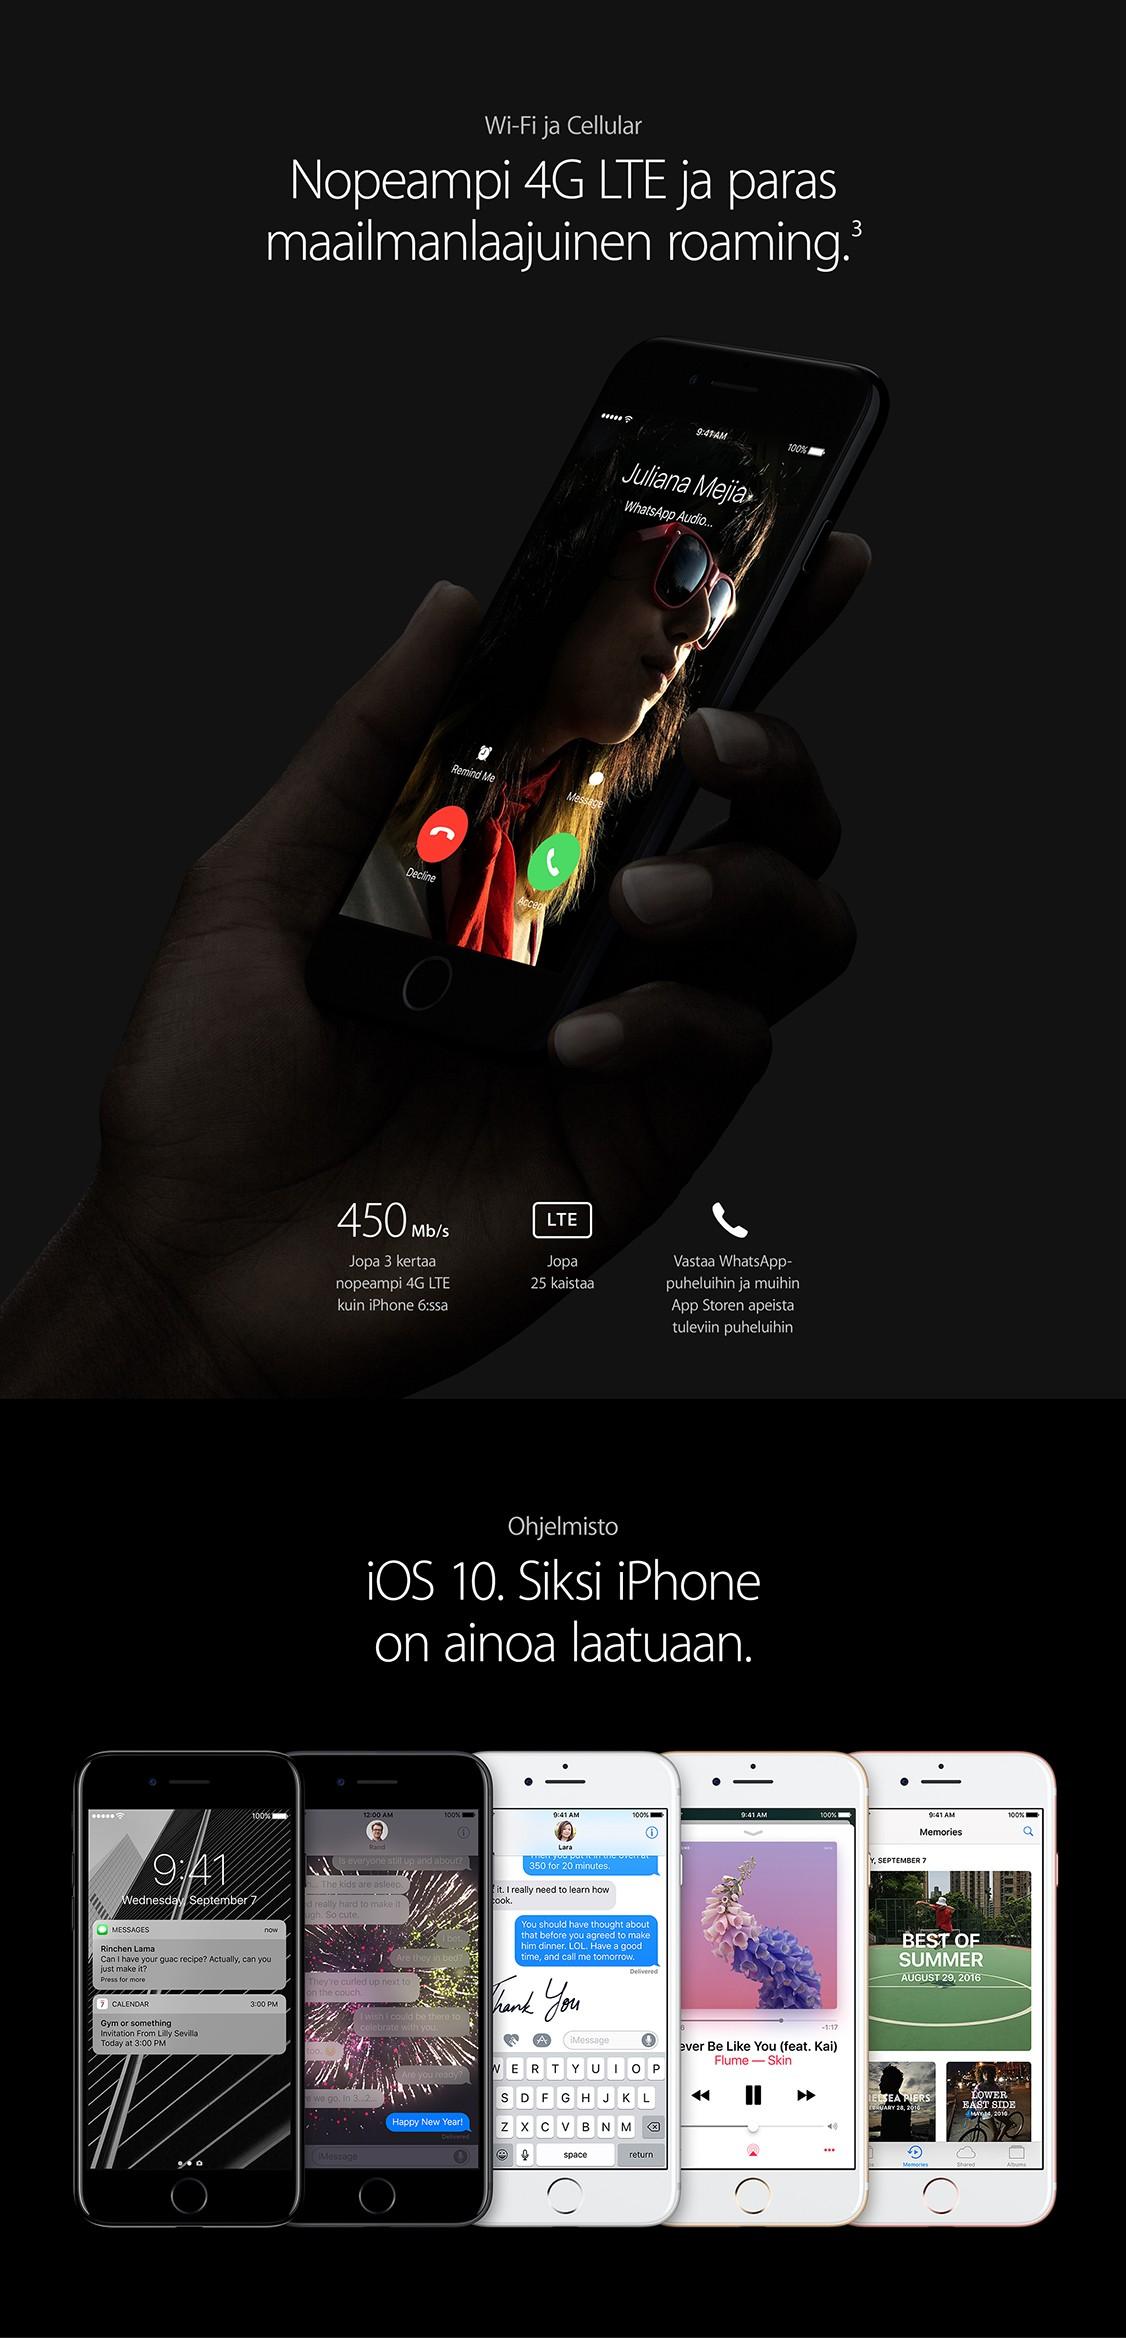 iOS 10 ominaisuudet tekevät iPhone 7:n käytöstä entistä sujuvampaa.